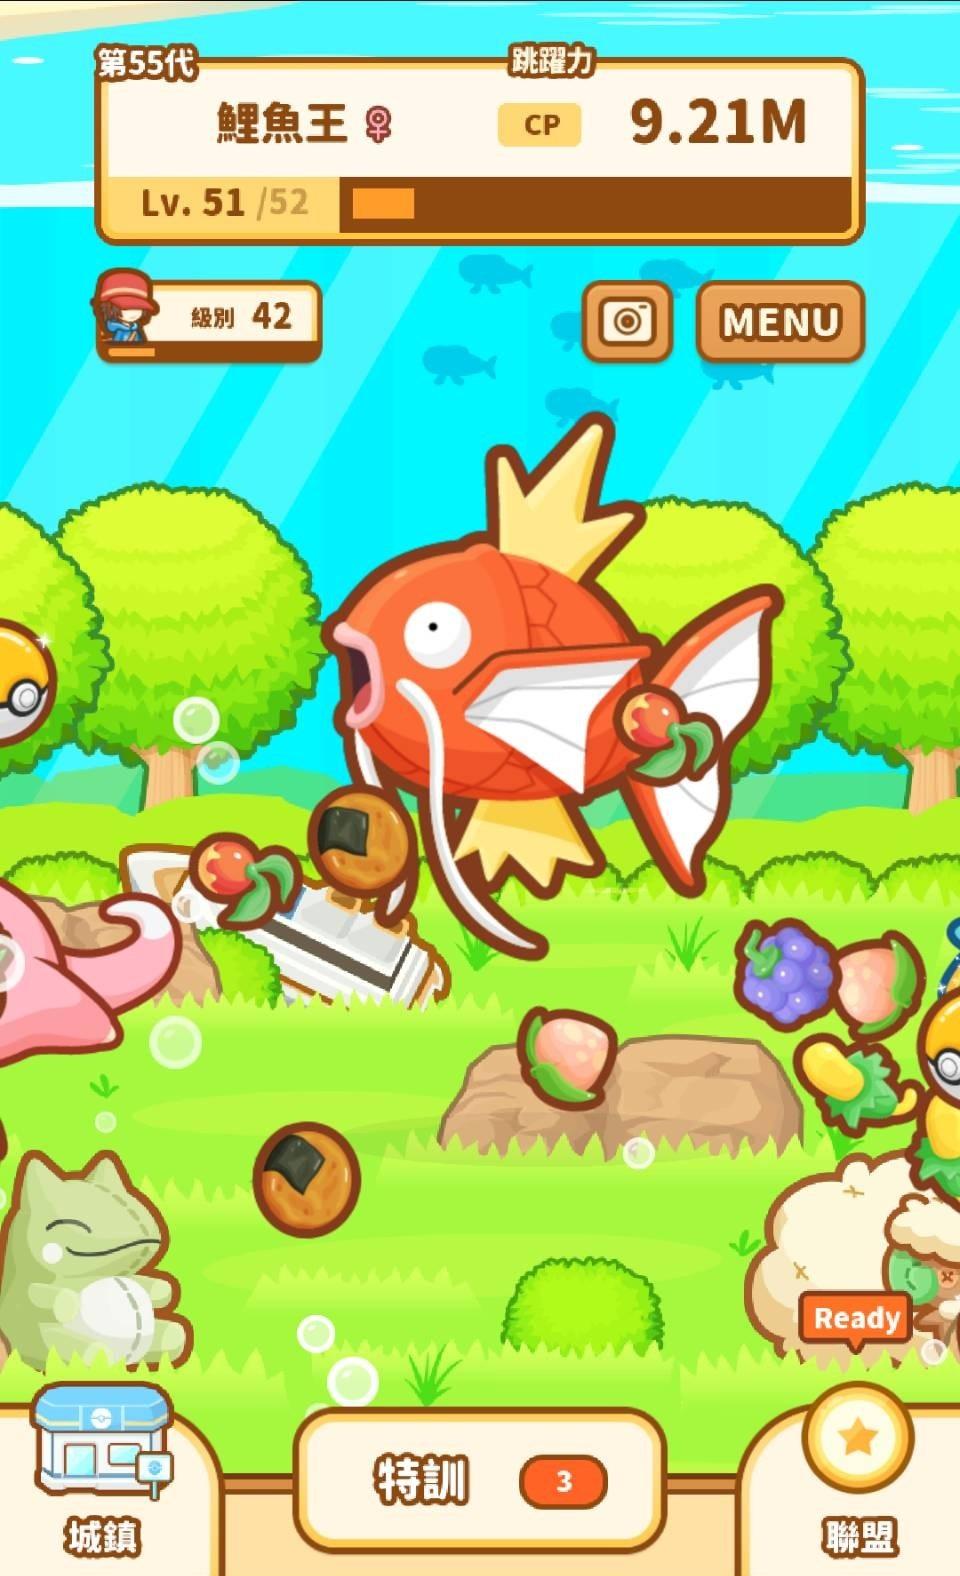 [破解版]跳躍吧!鯉魚王 V1.3.2 繁體中文 金錢鑽石無限 - Android 遊戲.應用下載 - 冰楓論壇 - 綜合論壇.外掛下載 ...